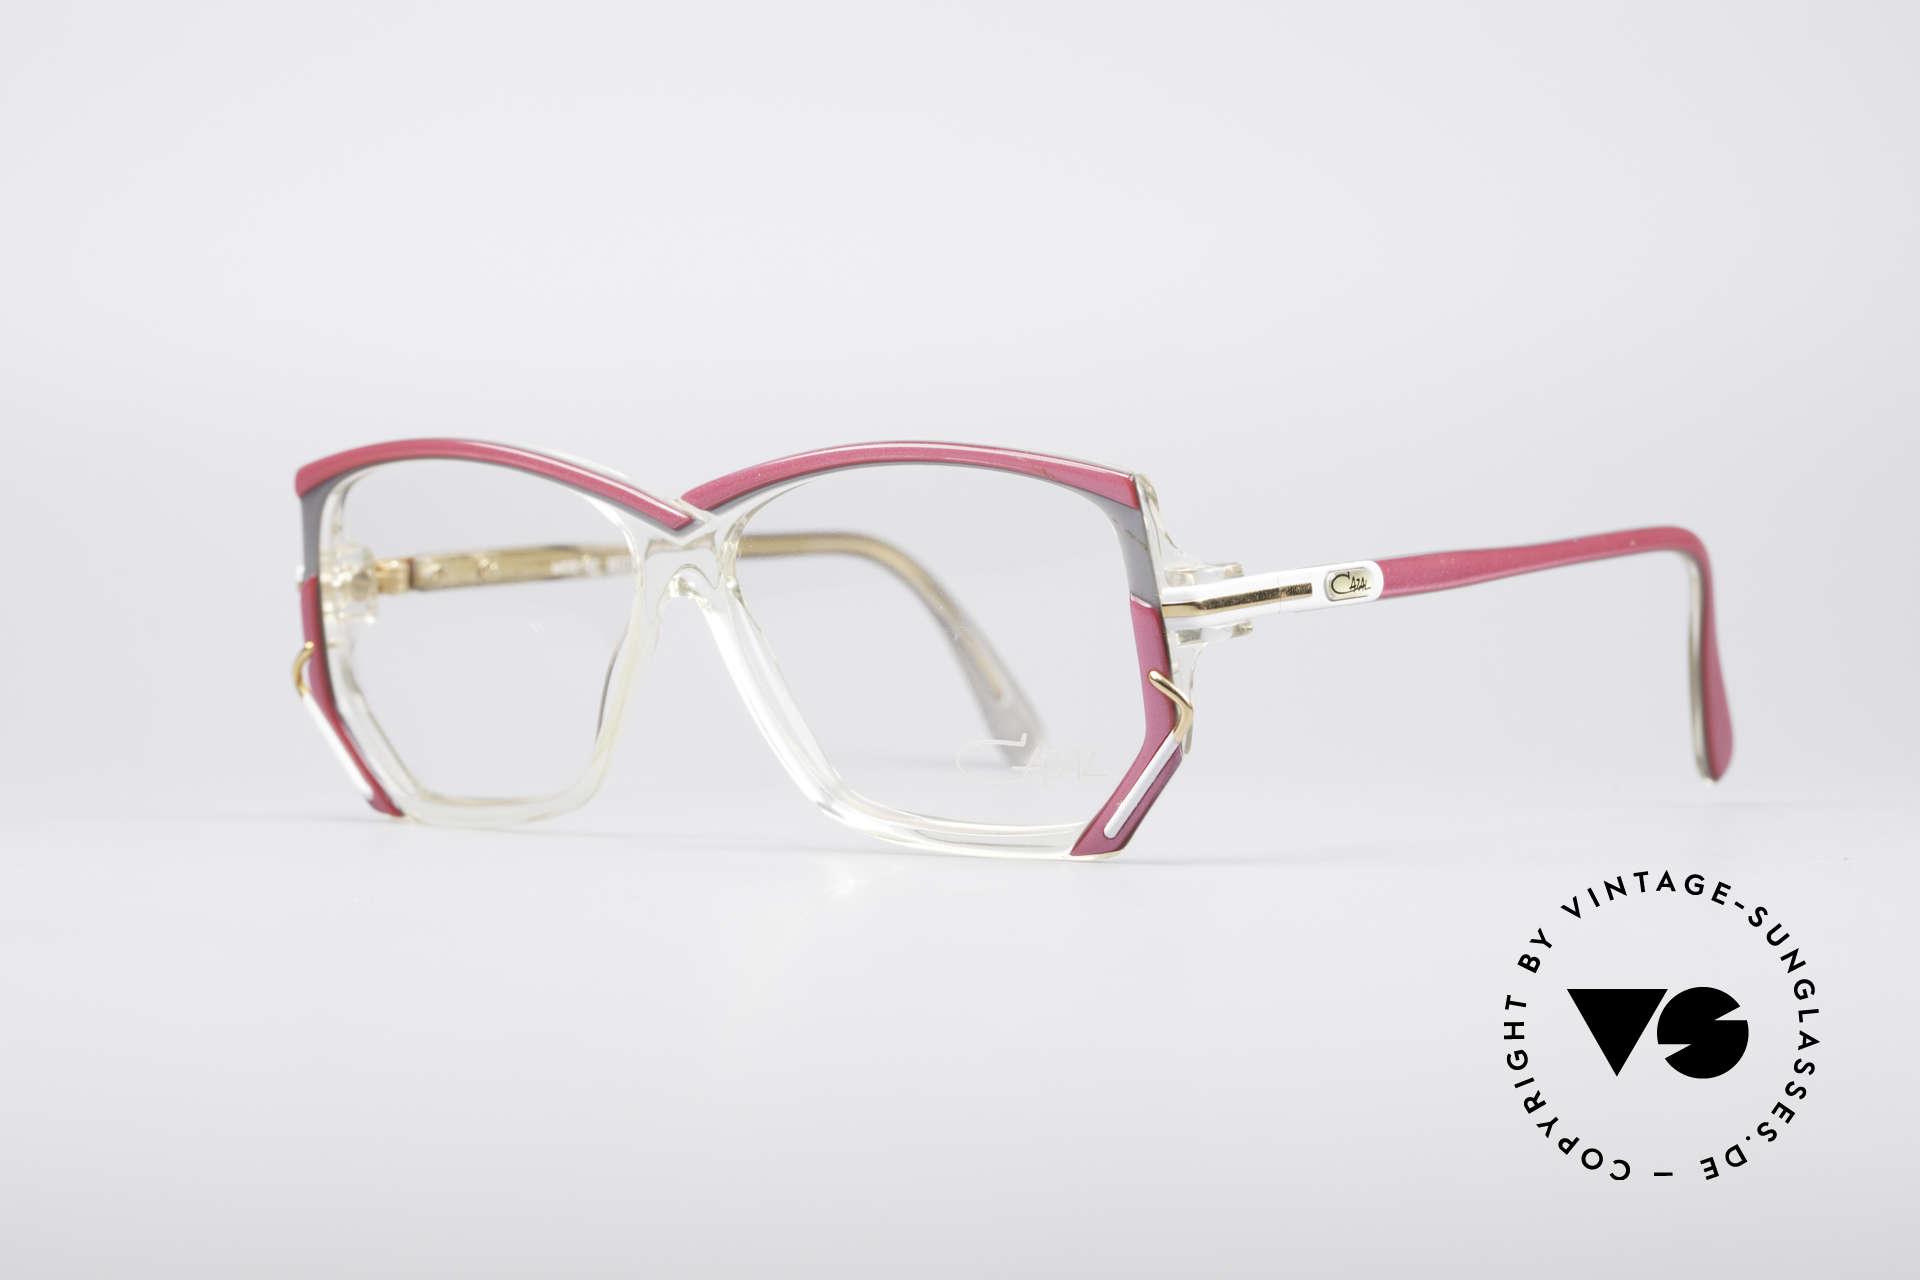 Cazal 197 80er Vintage Designerbrille, unverwechselbares Designerstück in KLEINER Größe, Passend für Damen